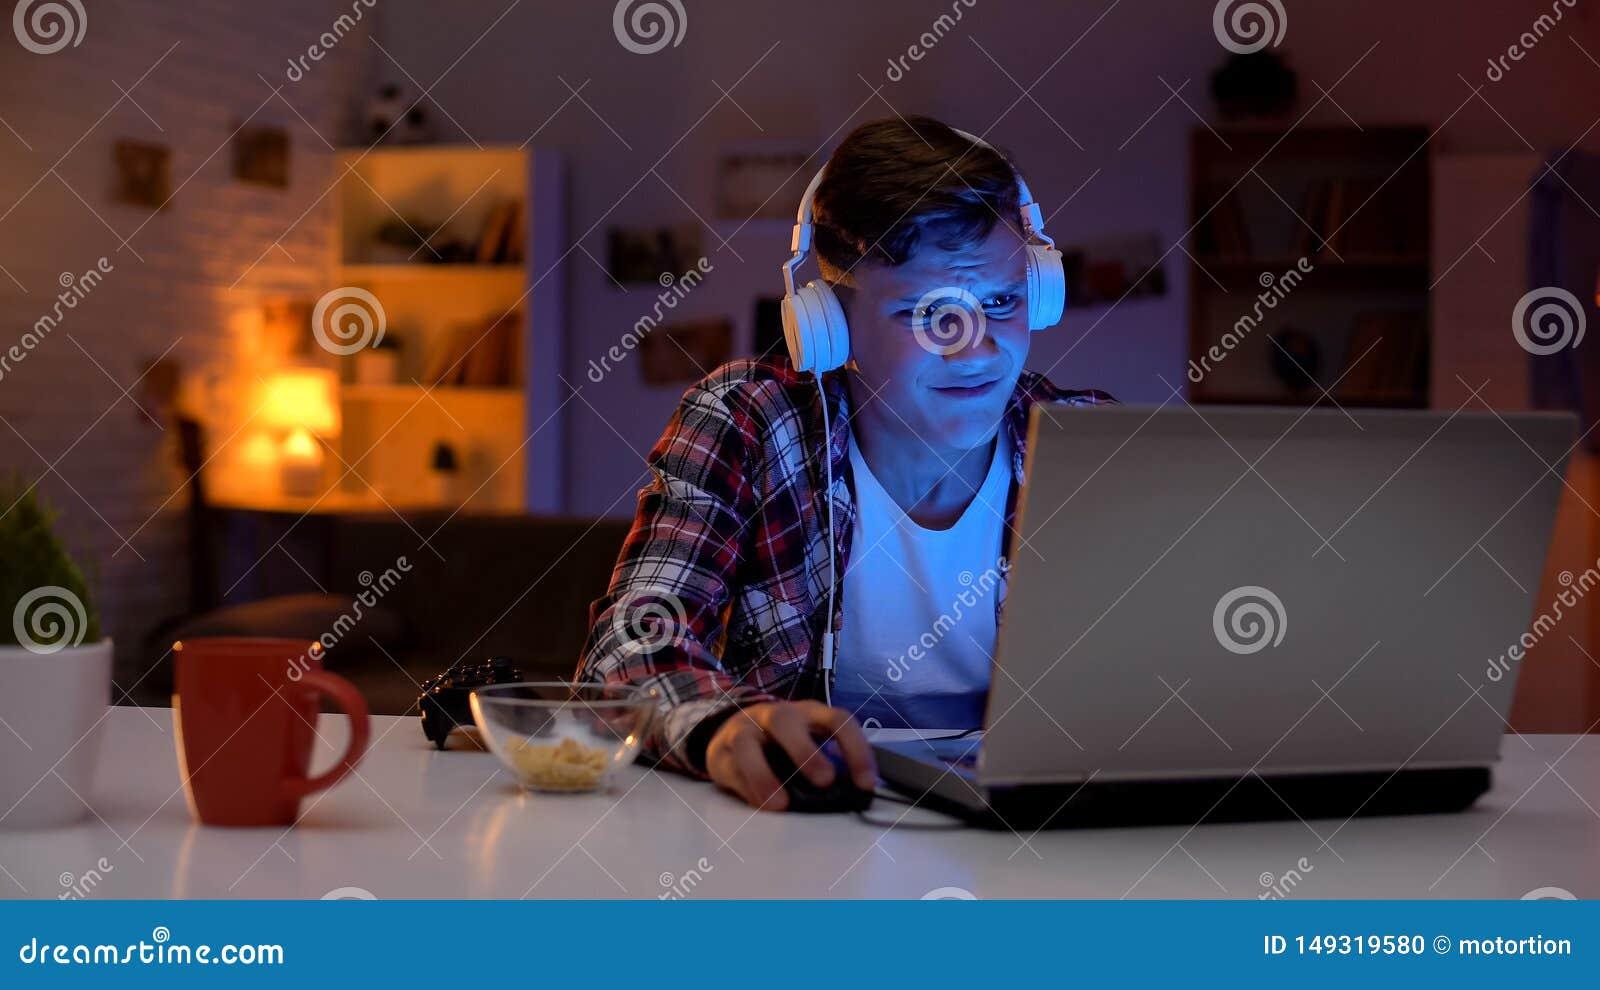 过于情绪化的青少年的男孩丢失的电子游戏,不充分的情感反应,上瘾者